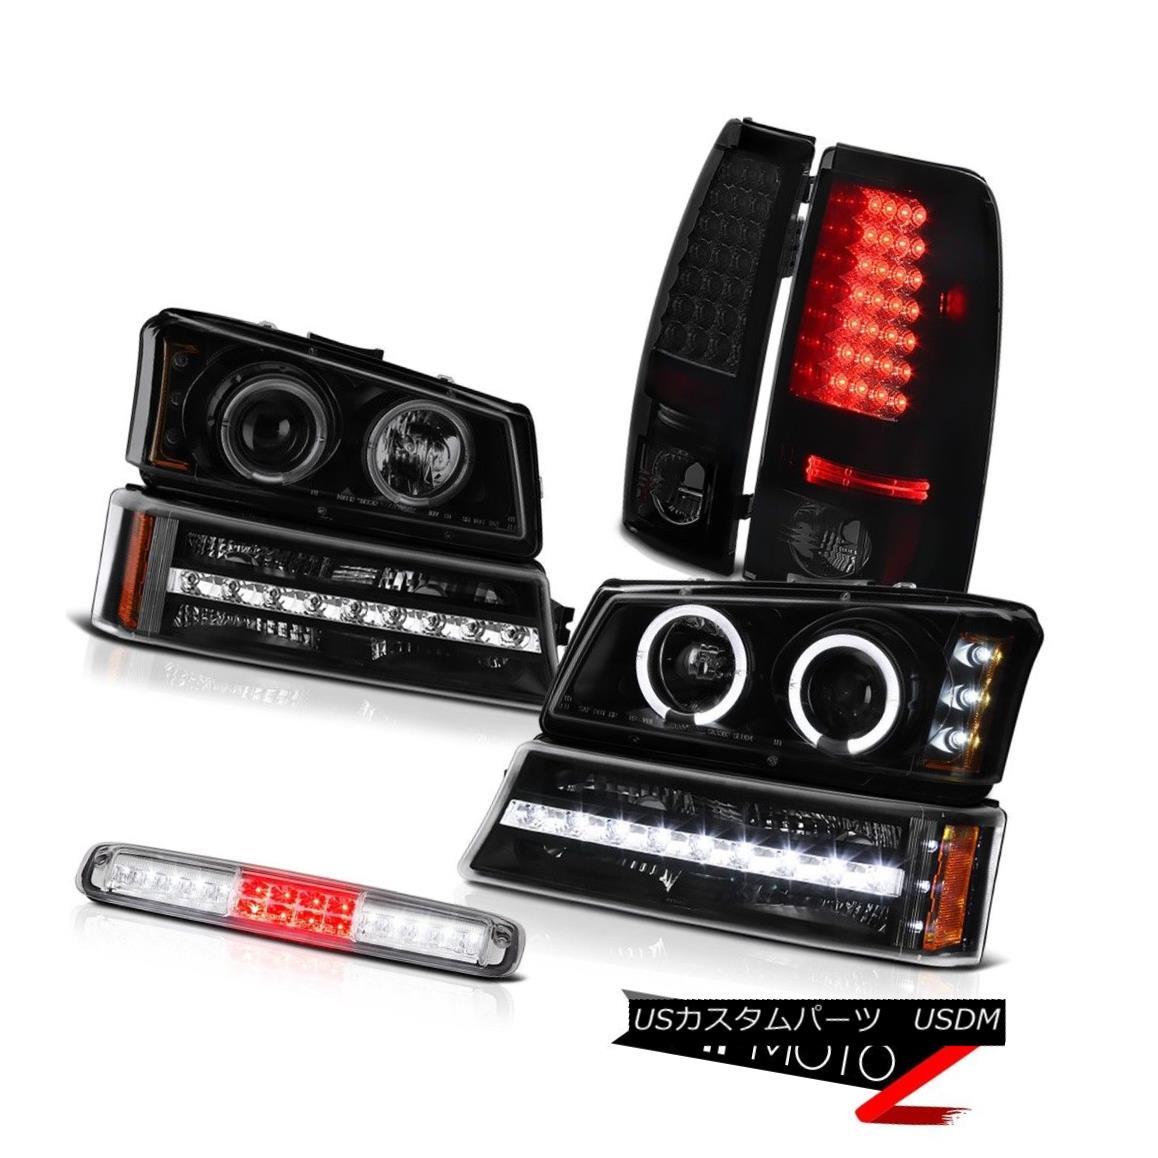 テールライト 03-06 Chevy Silverado Third Brake Light Matte Black Bumper Headlamps Taillights 03-06 Chevy Silverado Thirdブレーキライトマットブラックバンパーヘッドランプ